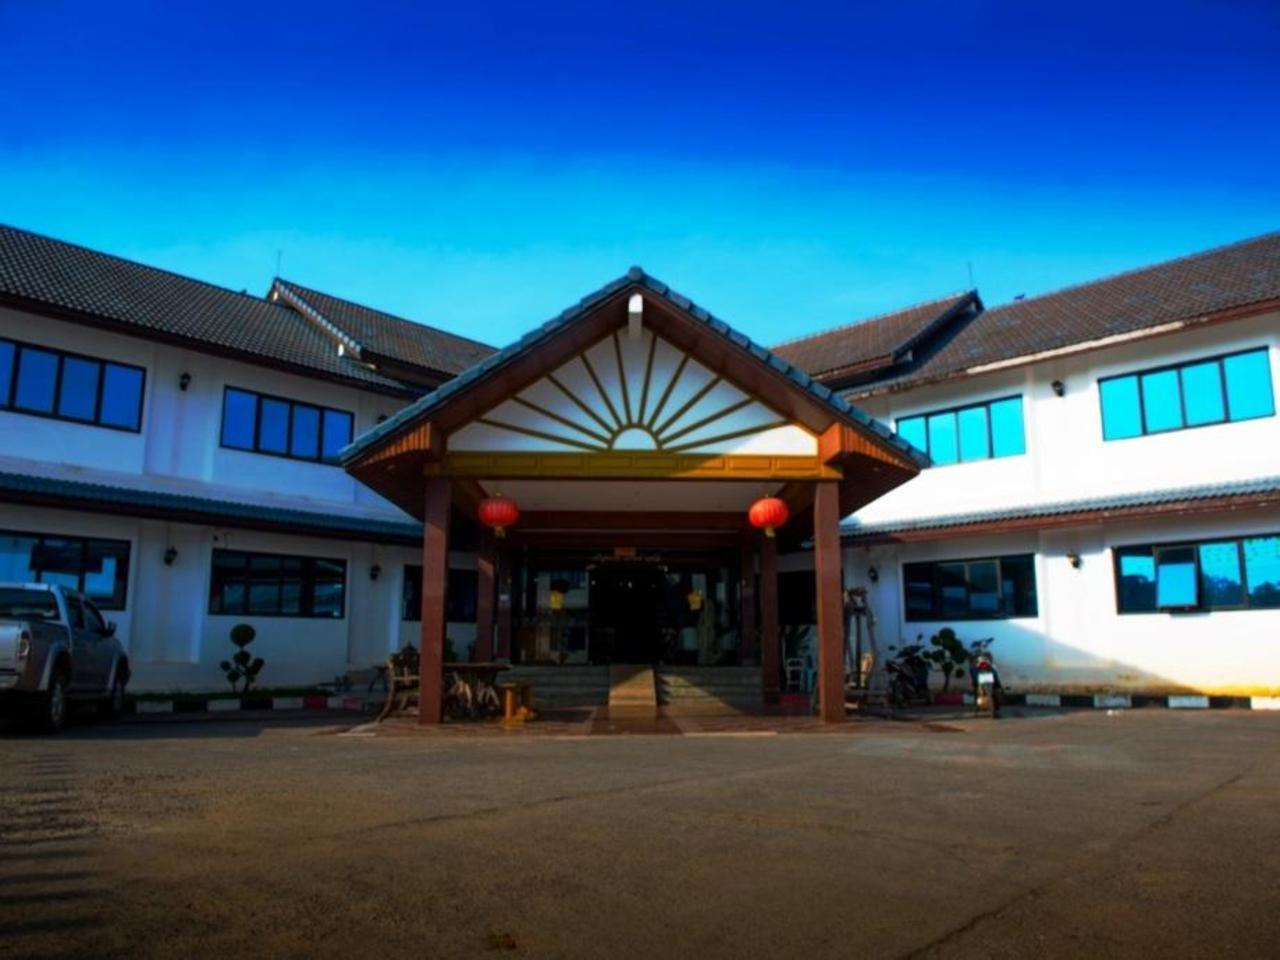 โรงแรมศรีสุพรรณ แกรนด์ รอยัล (Srisupan Grand Royal Hotel)